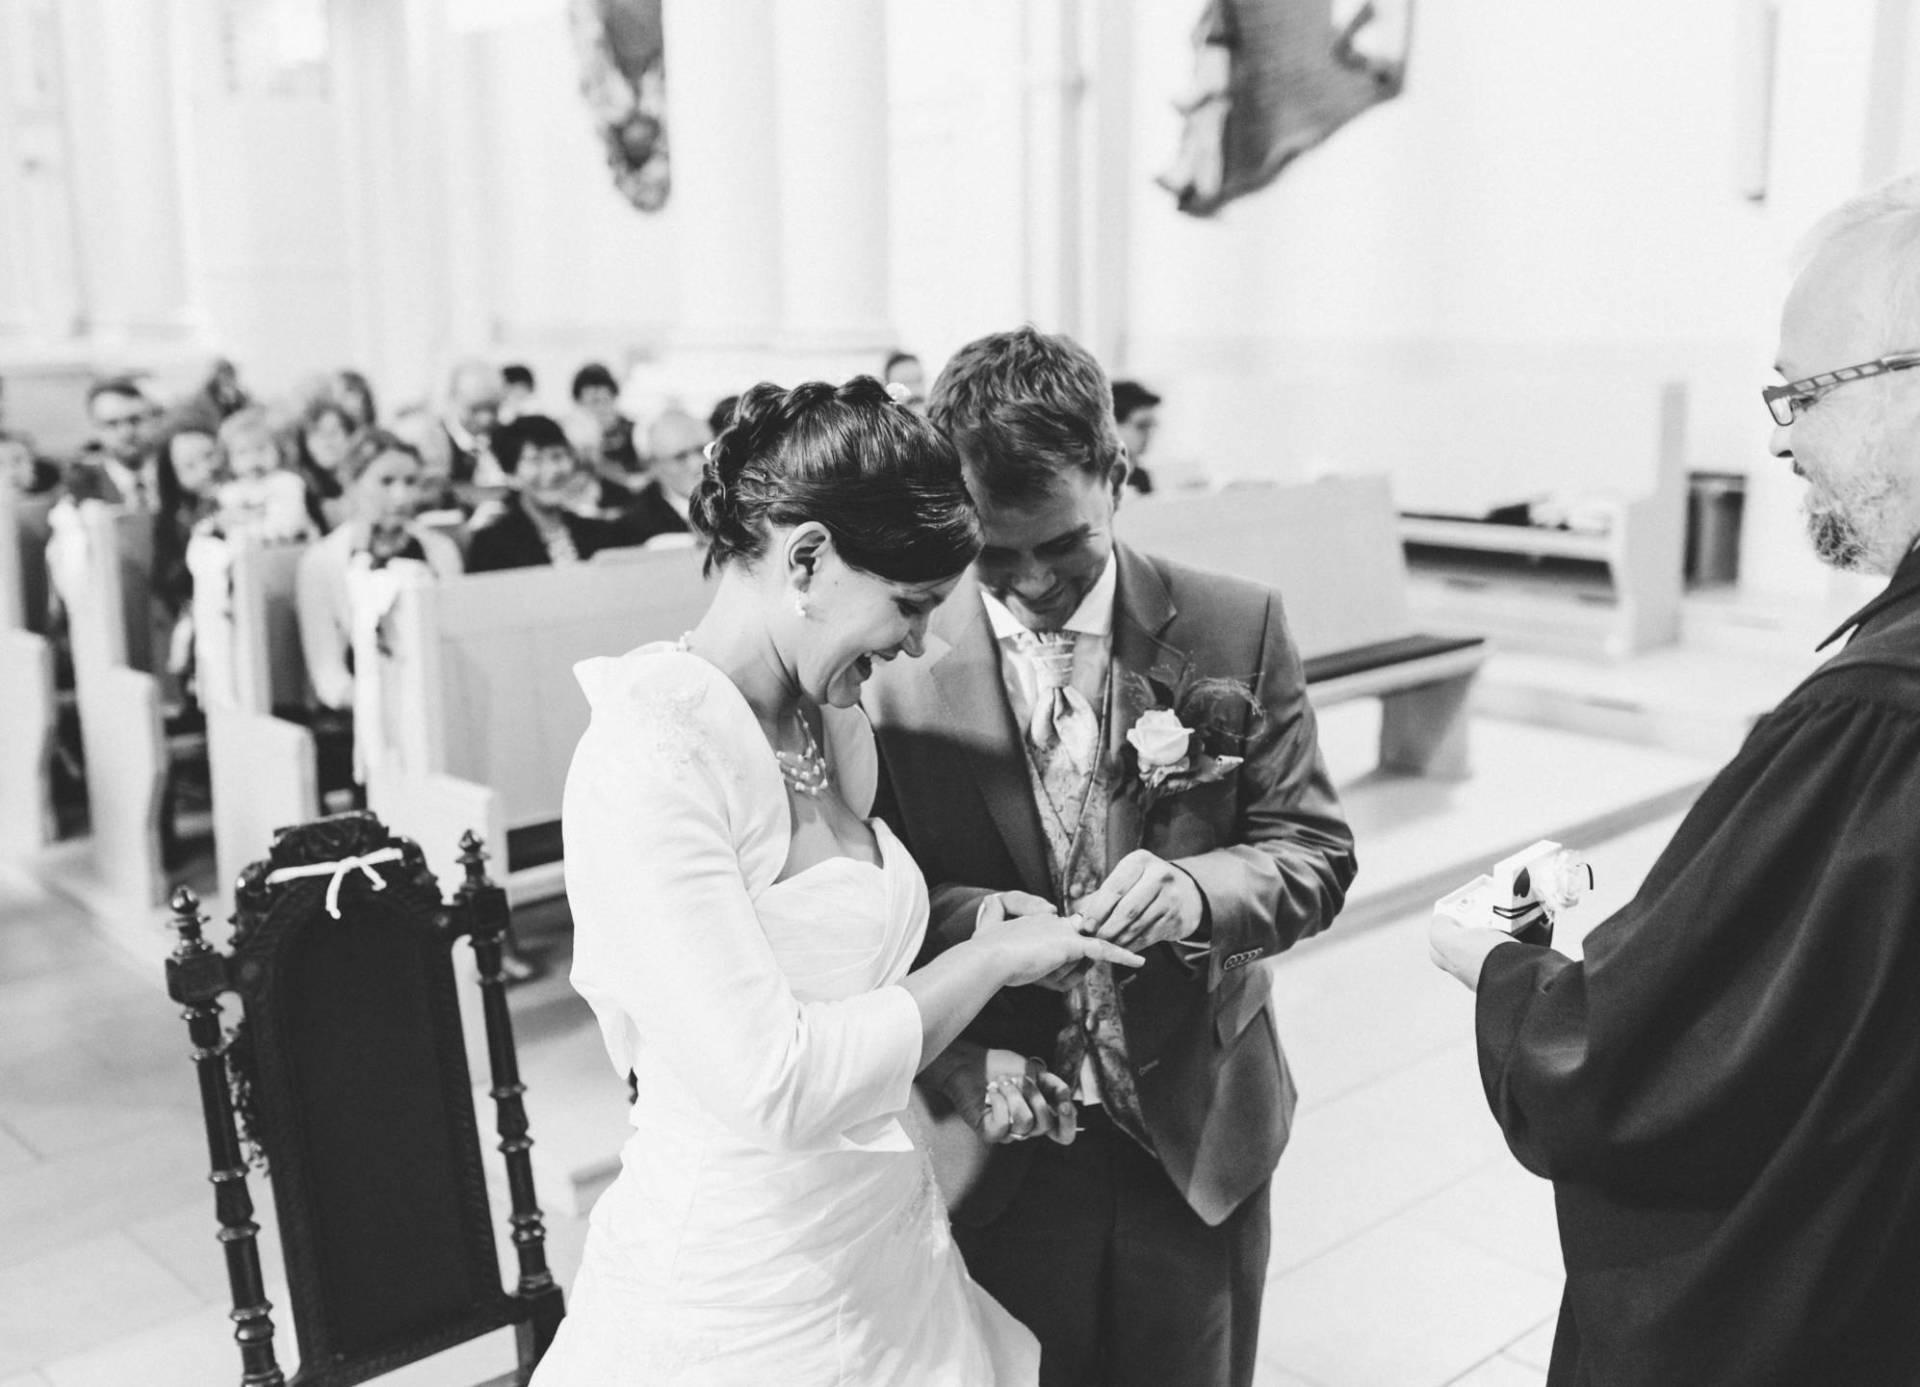 Hochzeitsreportage | Hochzeit im Paradies Jena | 36